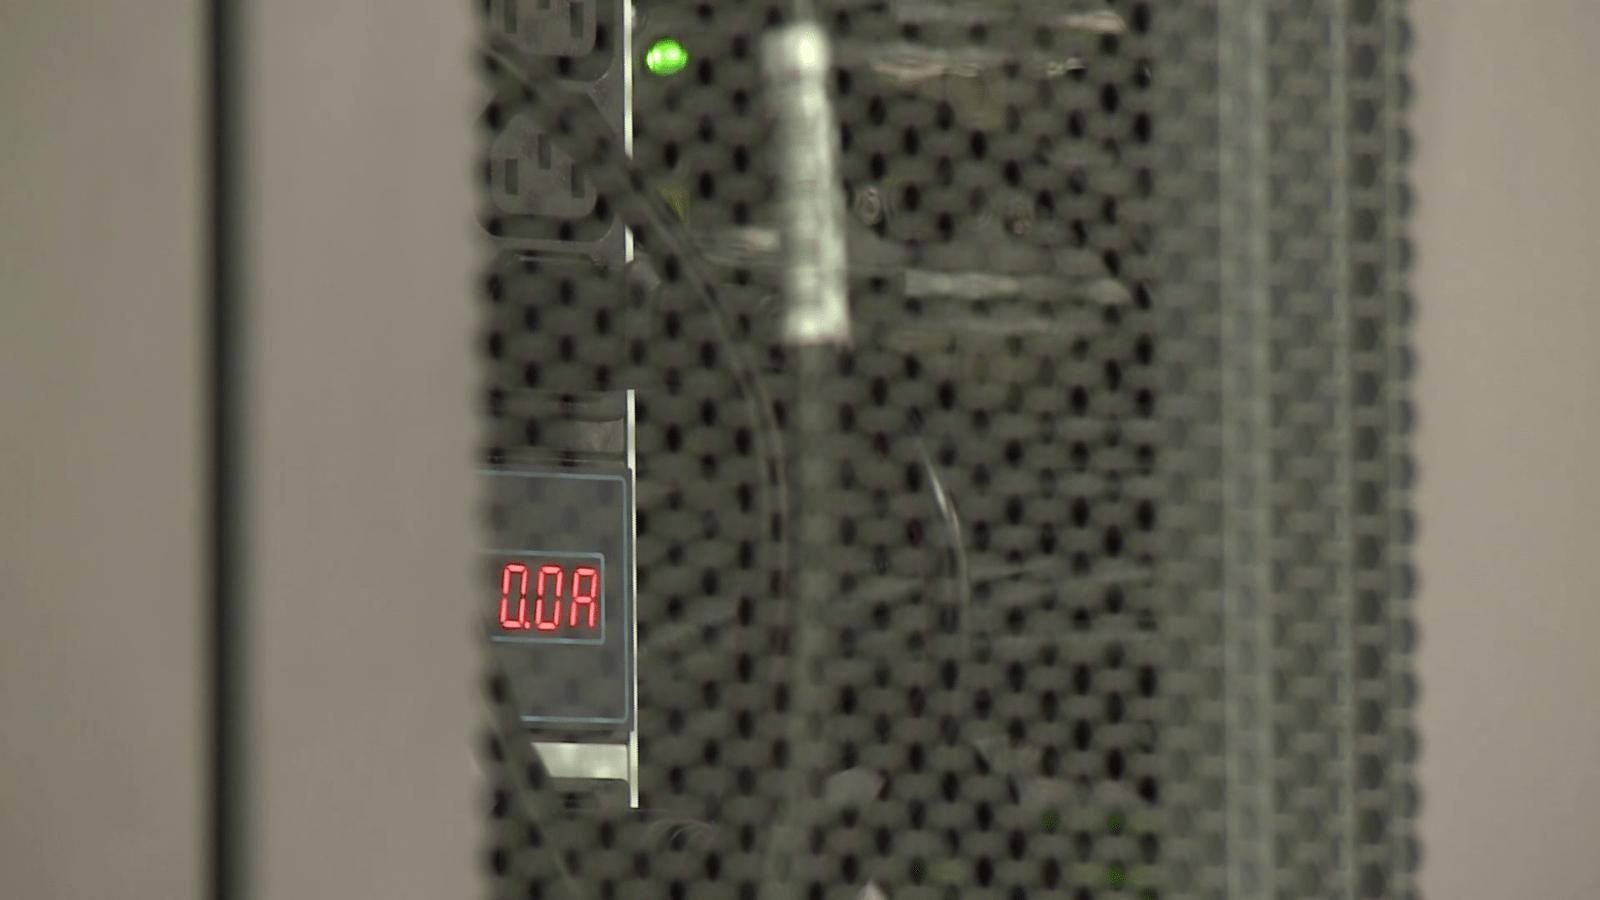 Powstał najszybszy komputer kwantowy na świecie. Pomoże rozwiązać skomplikowane problemy matematyczne oraz przyda się w finansach i medycynie